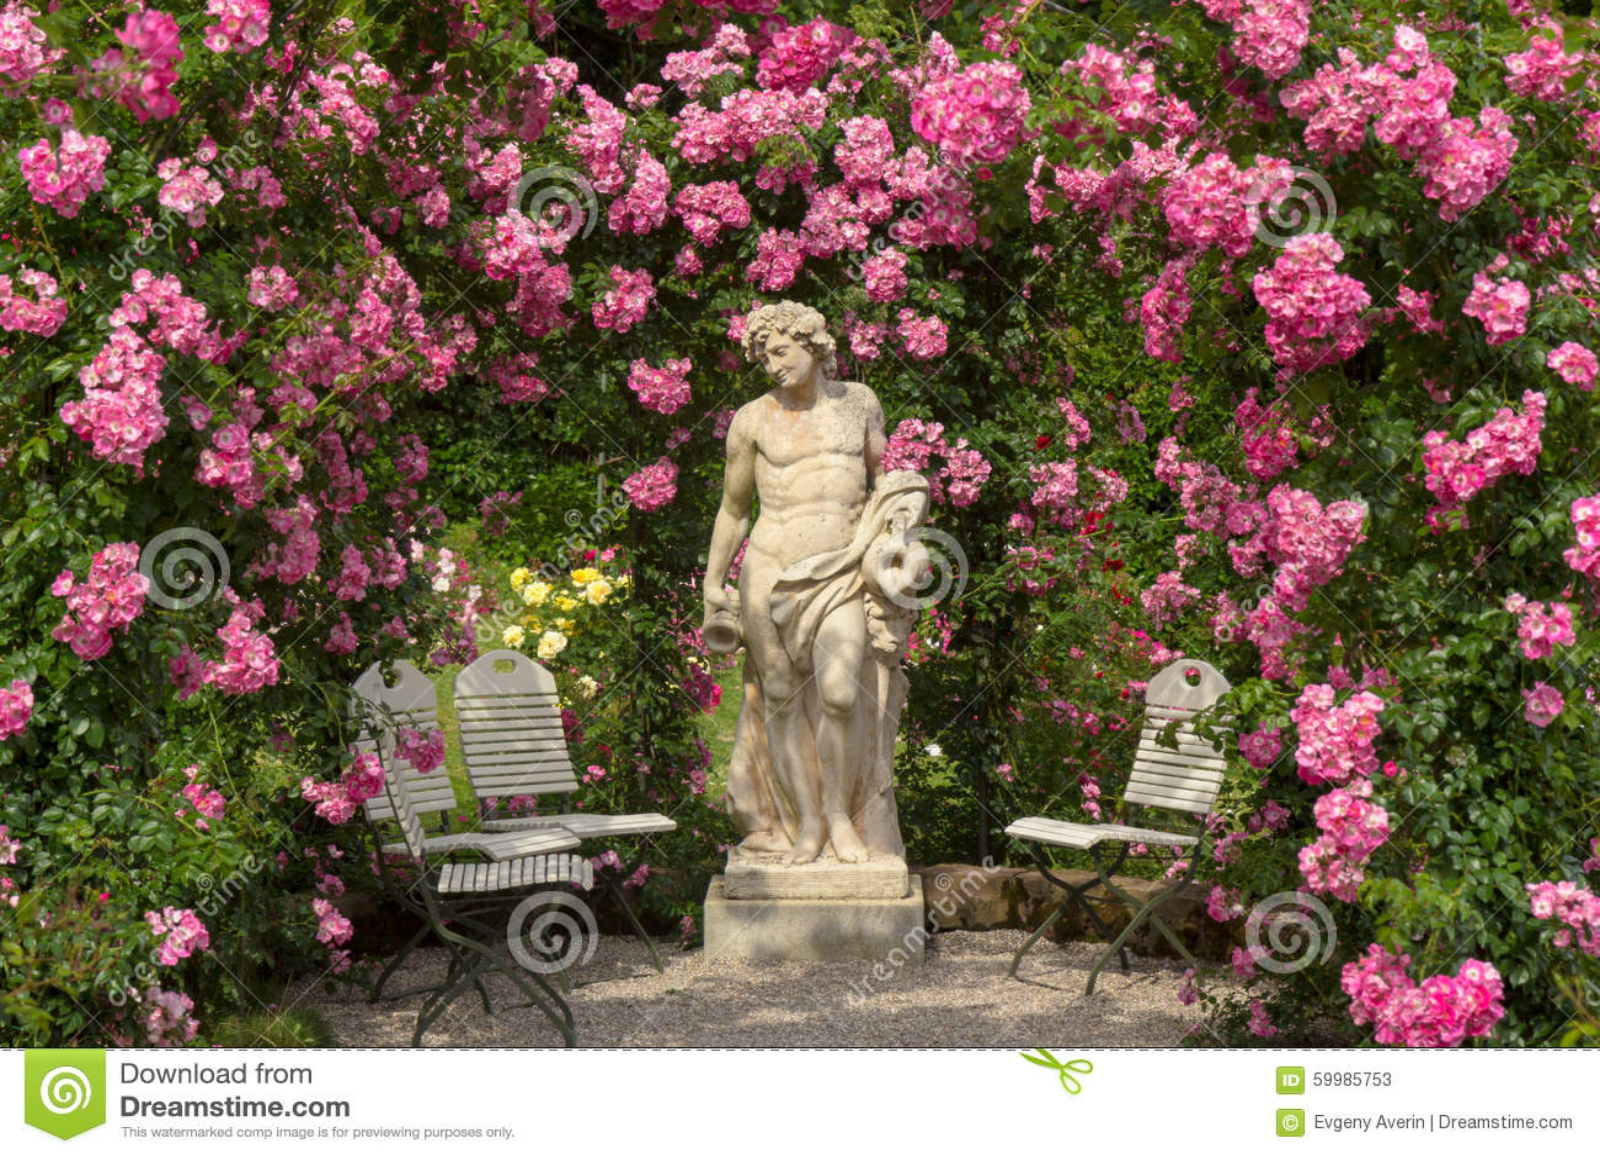 Roses In Garden: A Sculpture In A Rose Garden In Baden-Baden Stock Photo